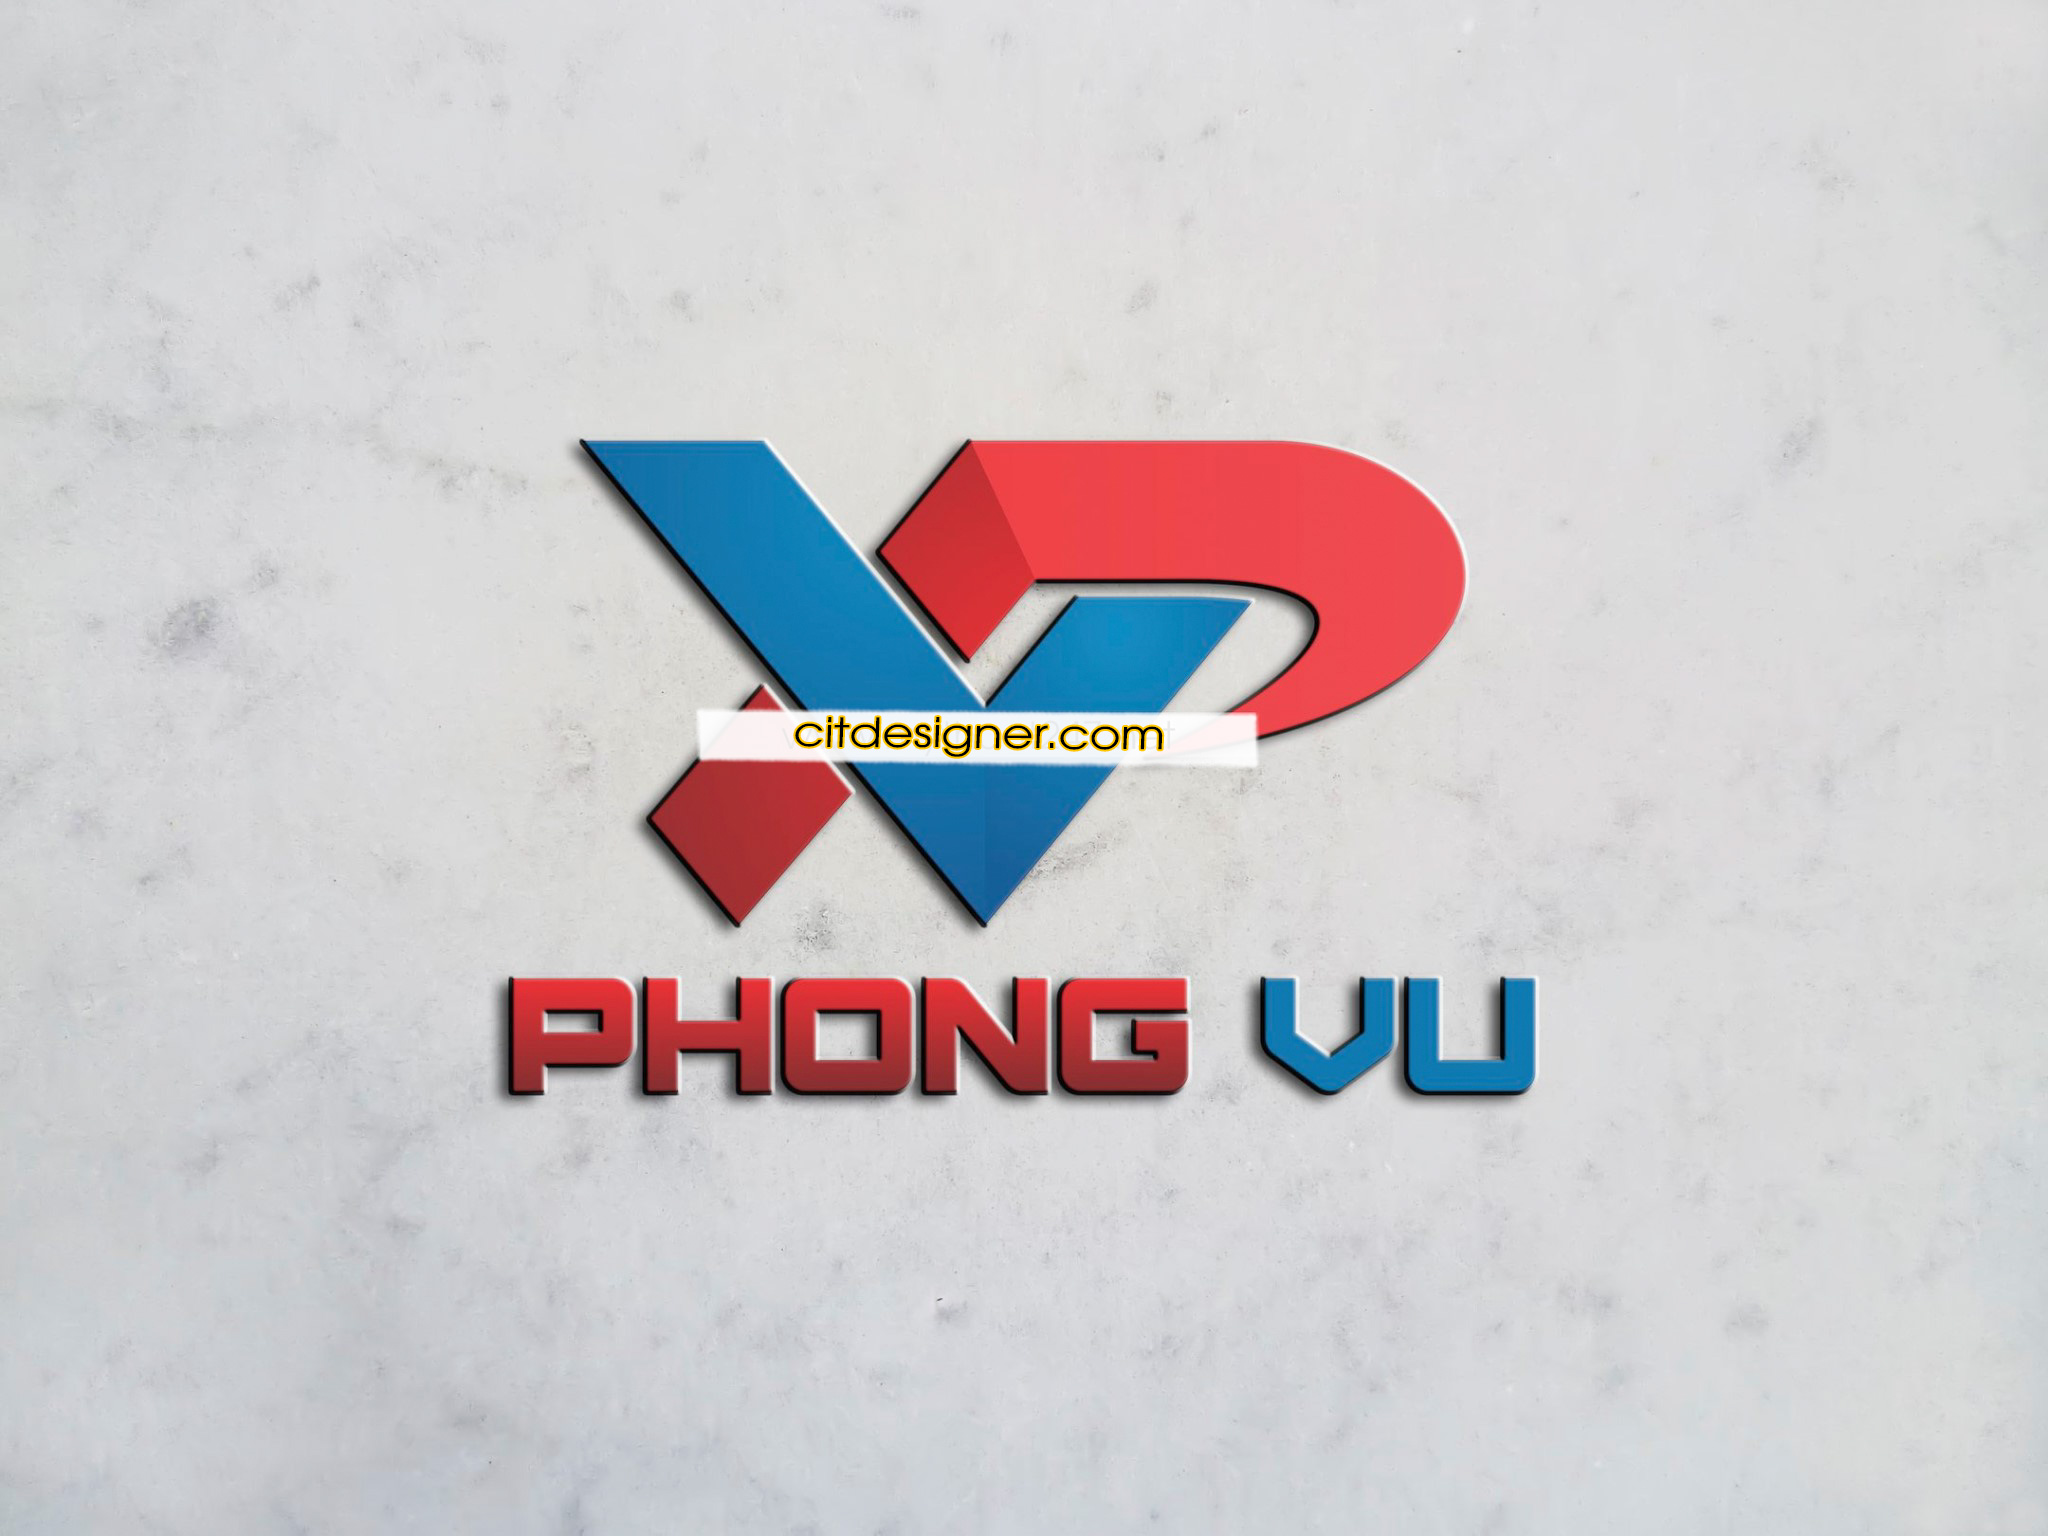 Thiết-kế-logo-thiết-bị-vệ-sinh-phong-vũ-4